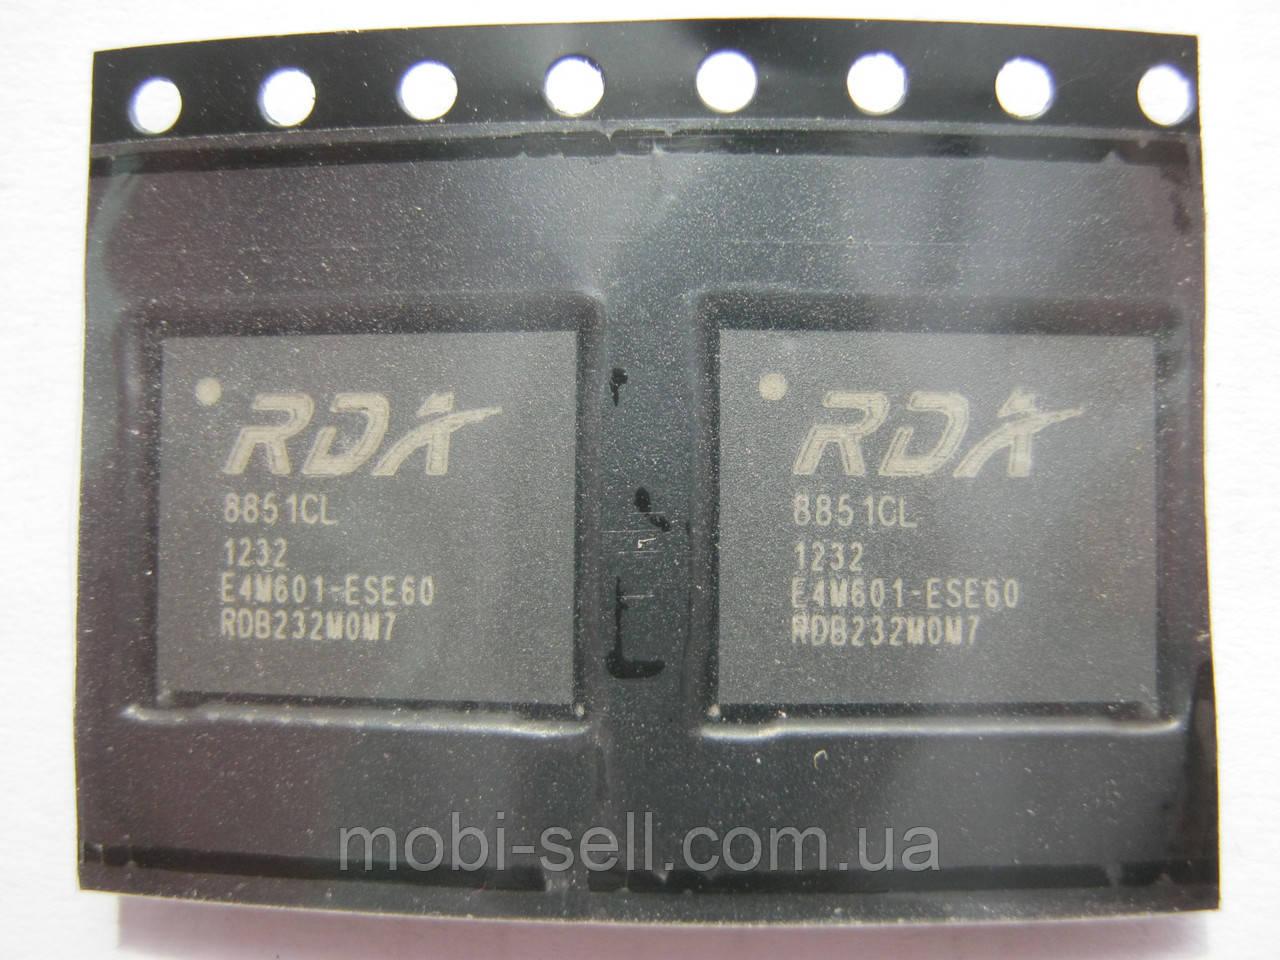 Микросхема RDA8851CL процессор CPU для китайских телефонов (RDA 8851 CL)